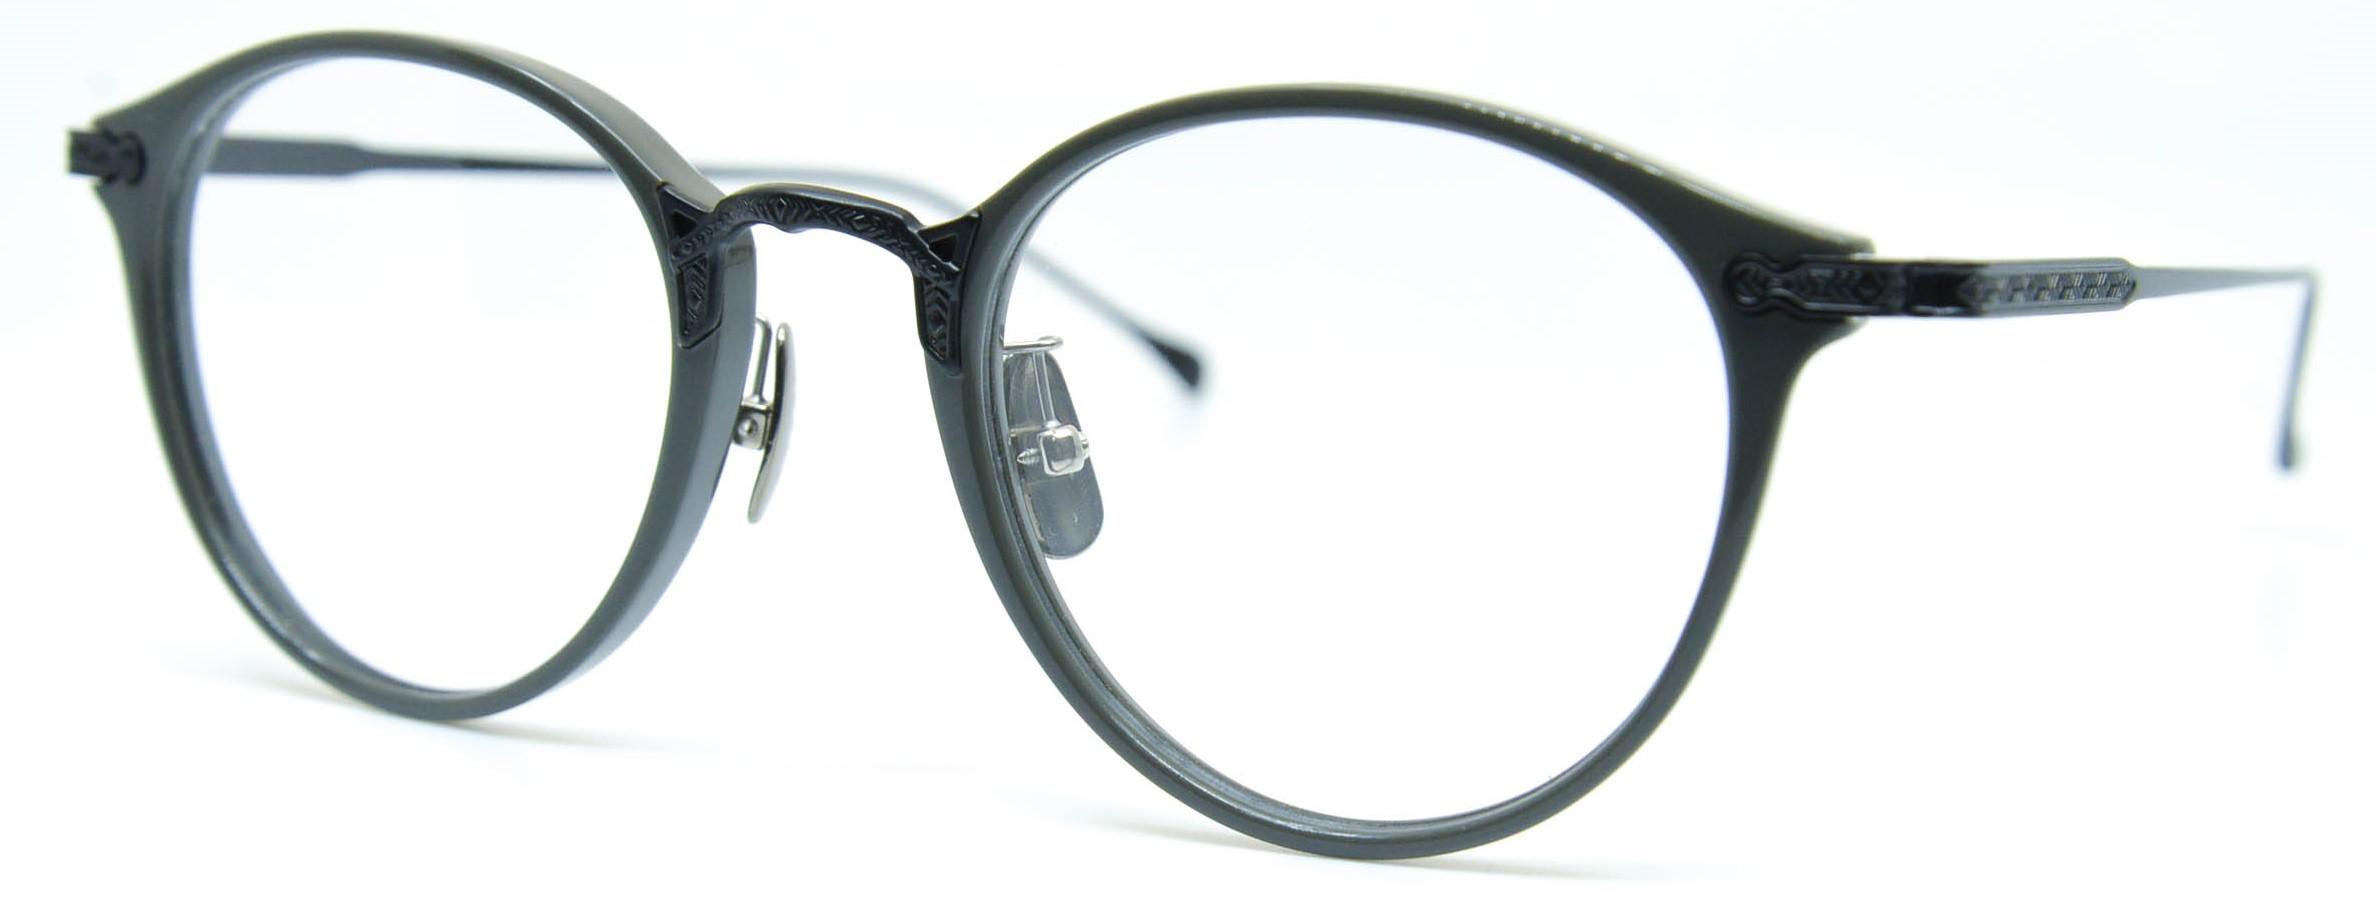 眼鏡のカラータイプC-5 Gray/Black-Matt